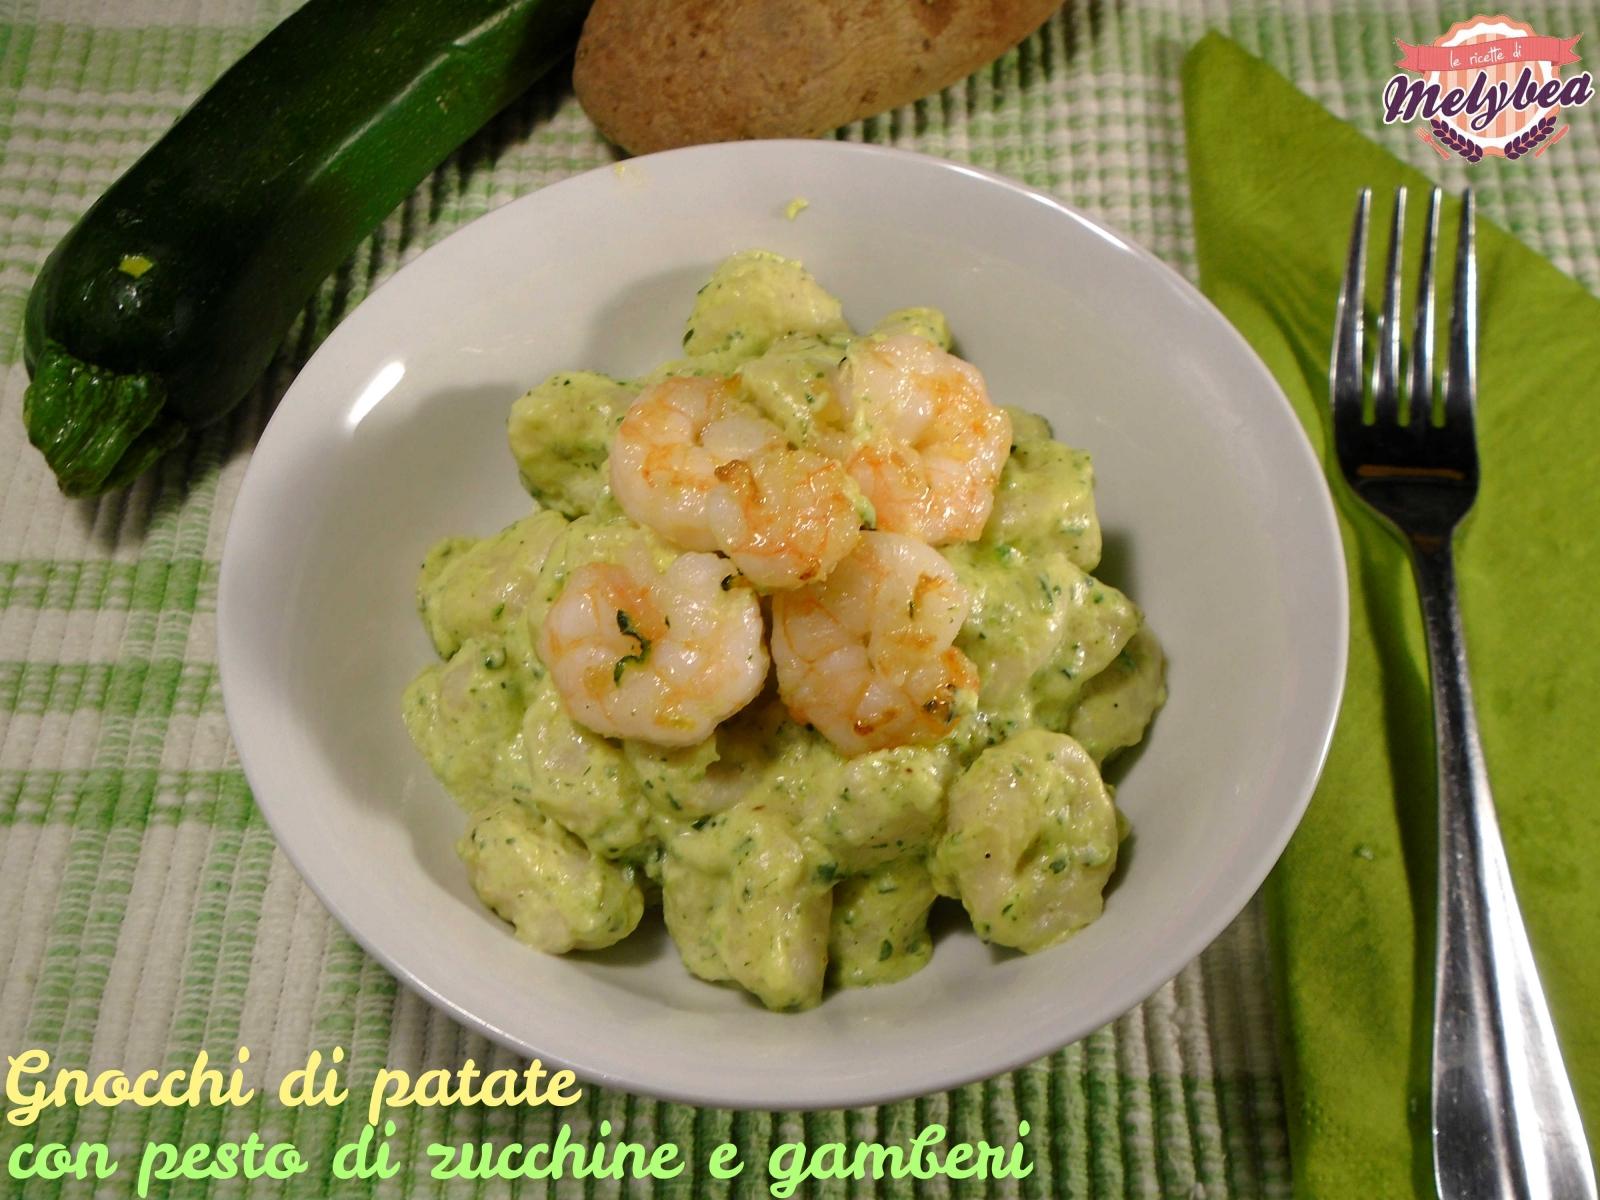 gnocchi di patate con pesto di zucchine e gamberi - le ricette di ... - Come Cucinare Gli Gnocchi Di Patate